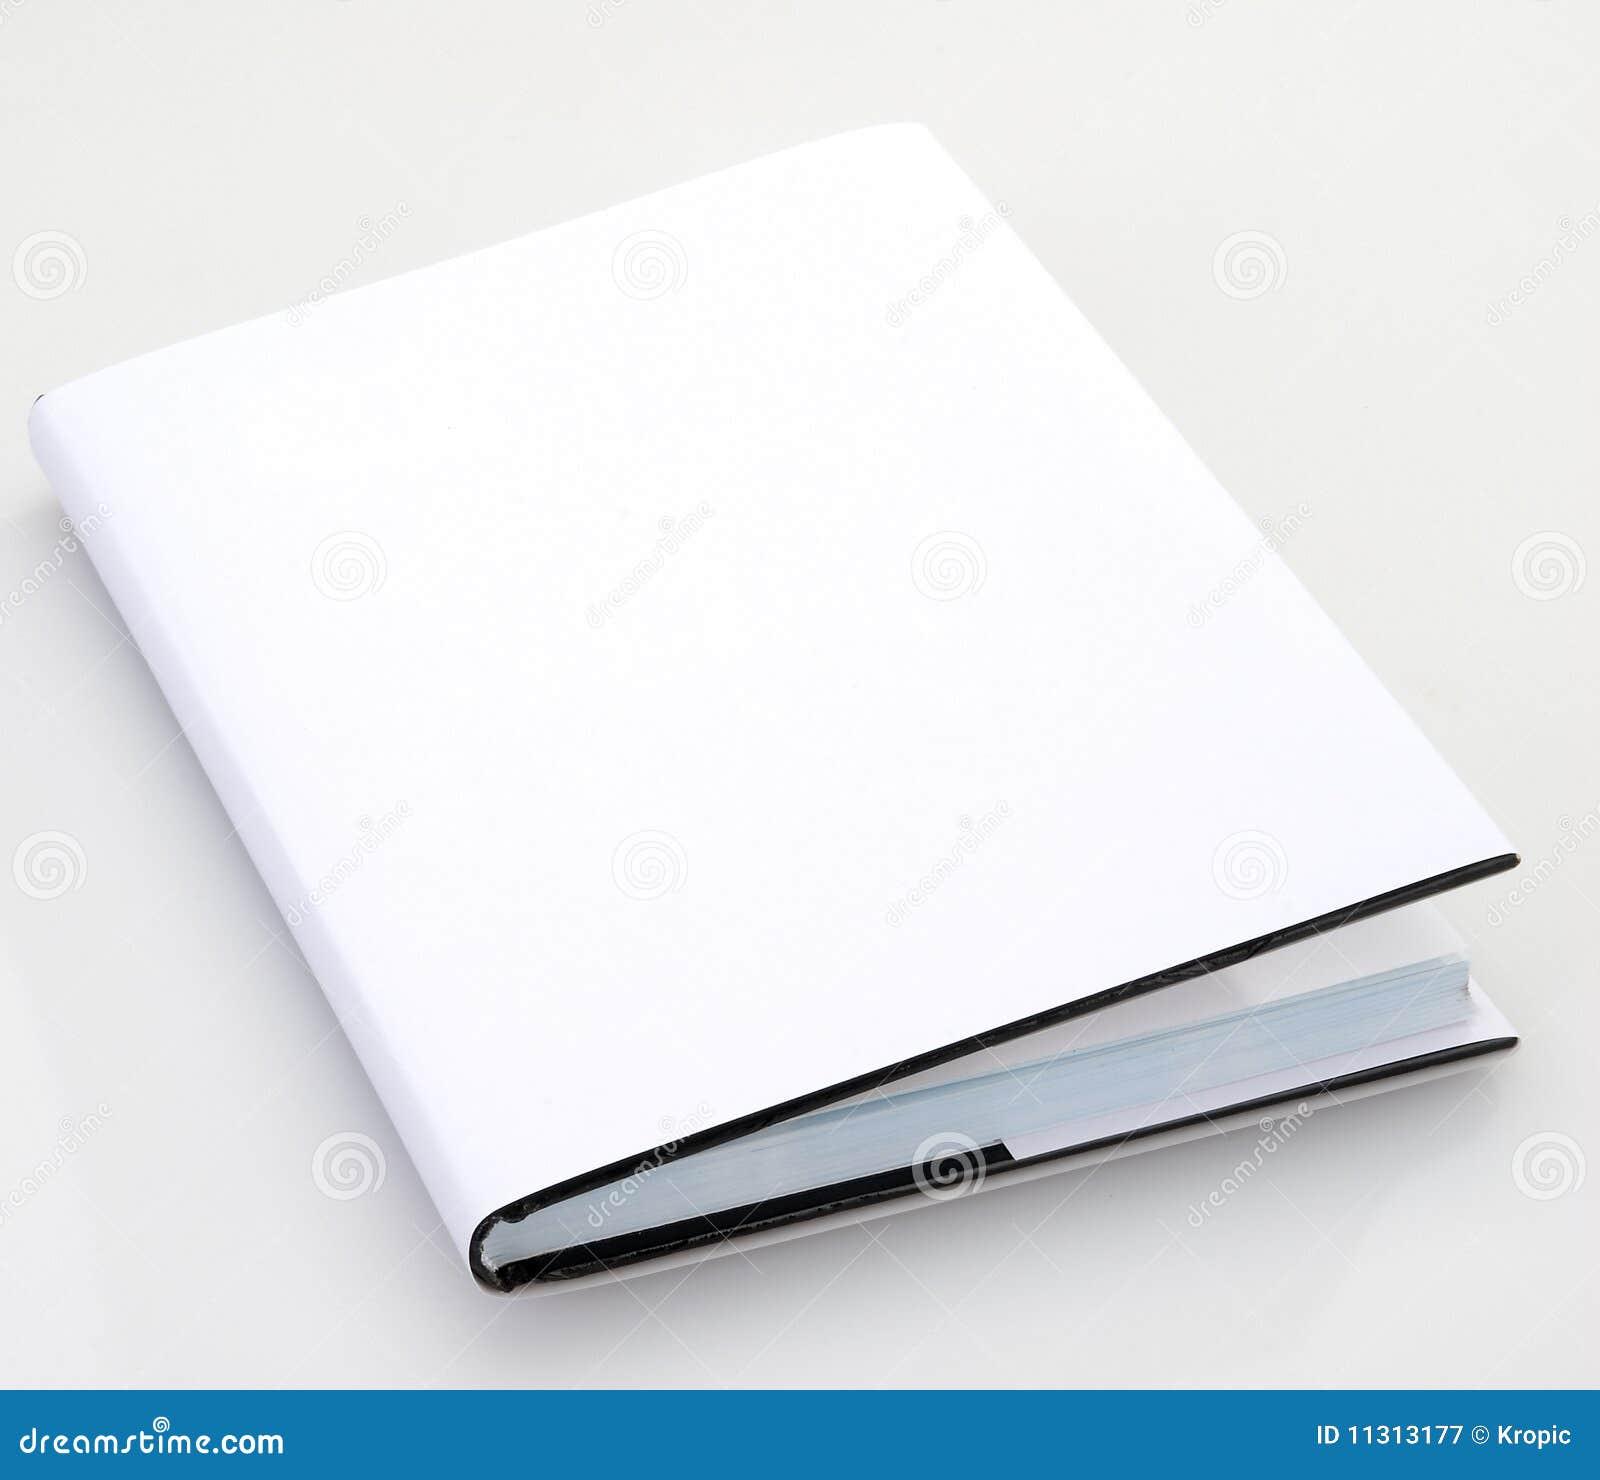 Cache de livre blanc